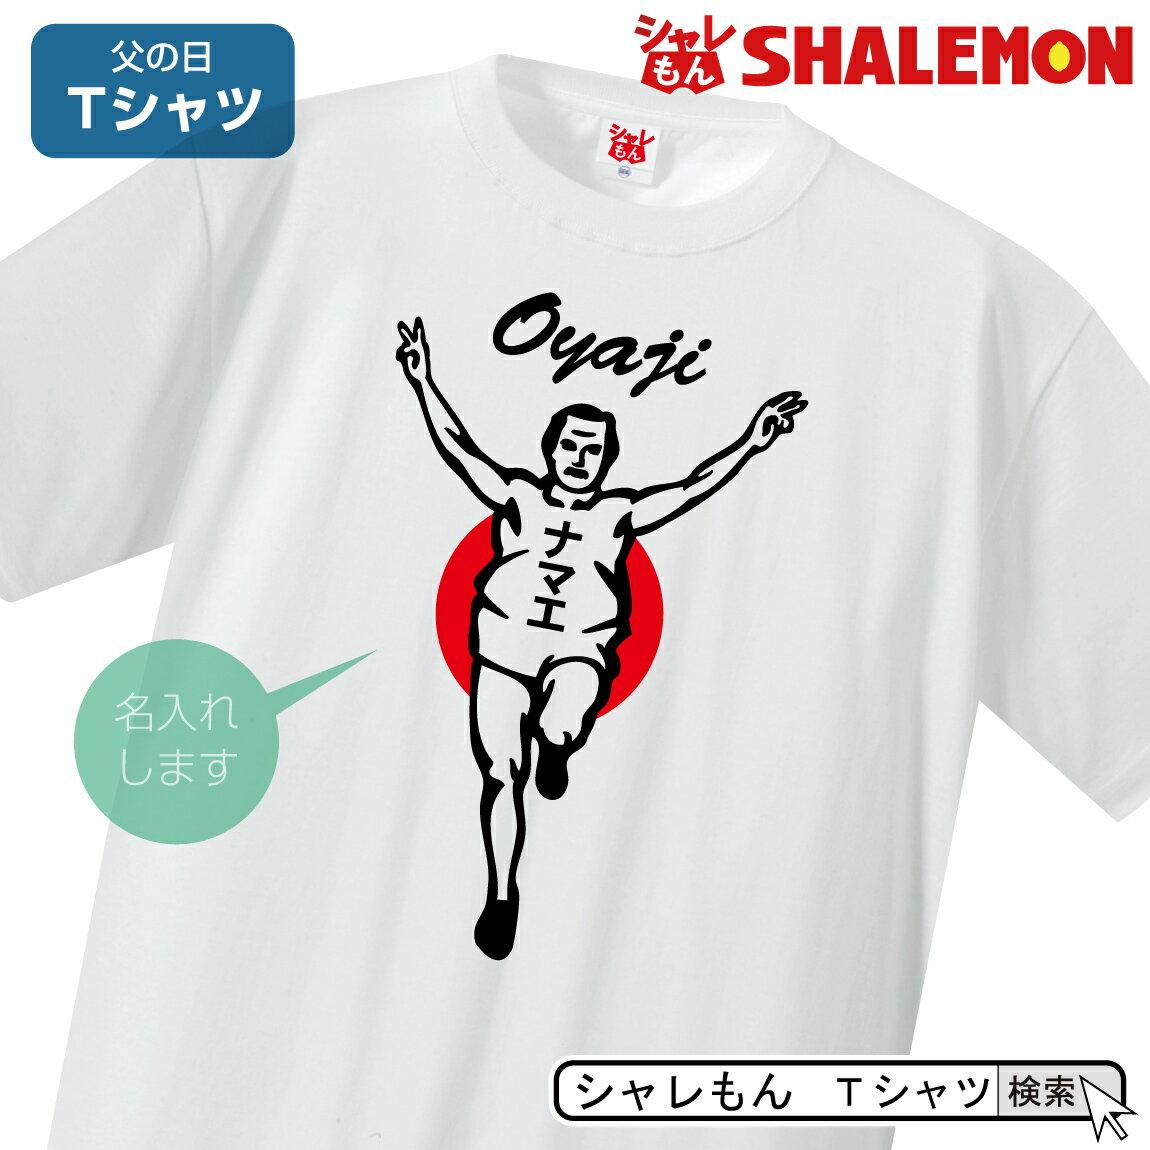 名入れ Tシャツ 名前入れ おもしろ 雑貨 Tシャツ お父さん パパ 男性 メンズ tシャツ 親父